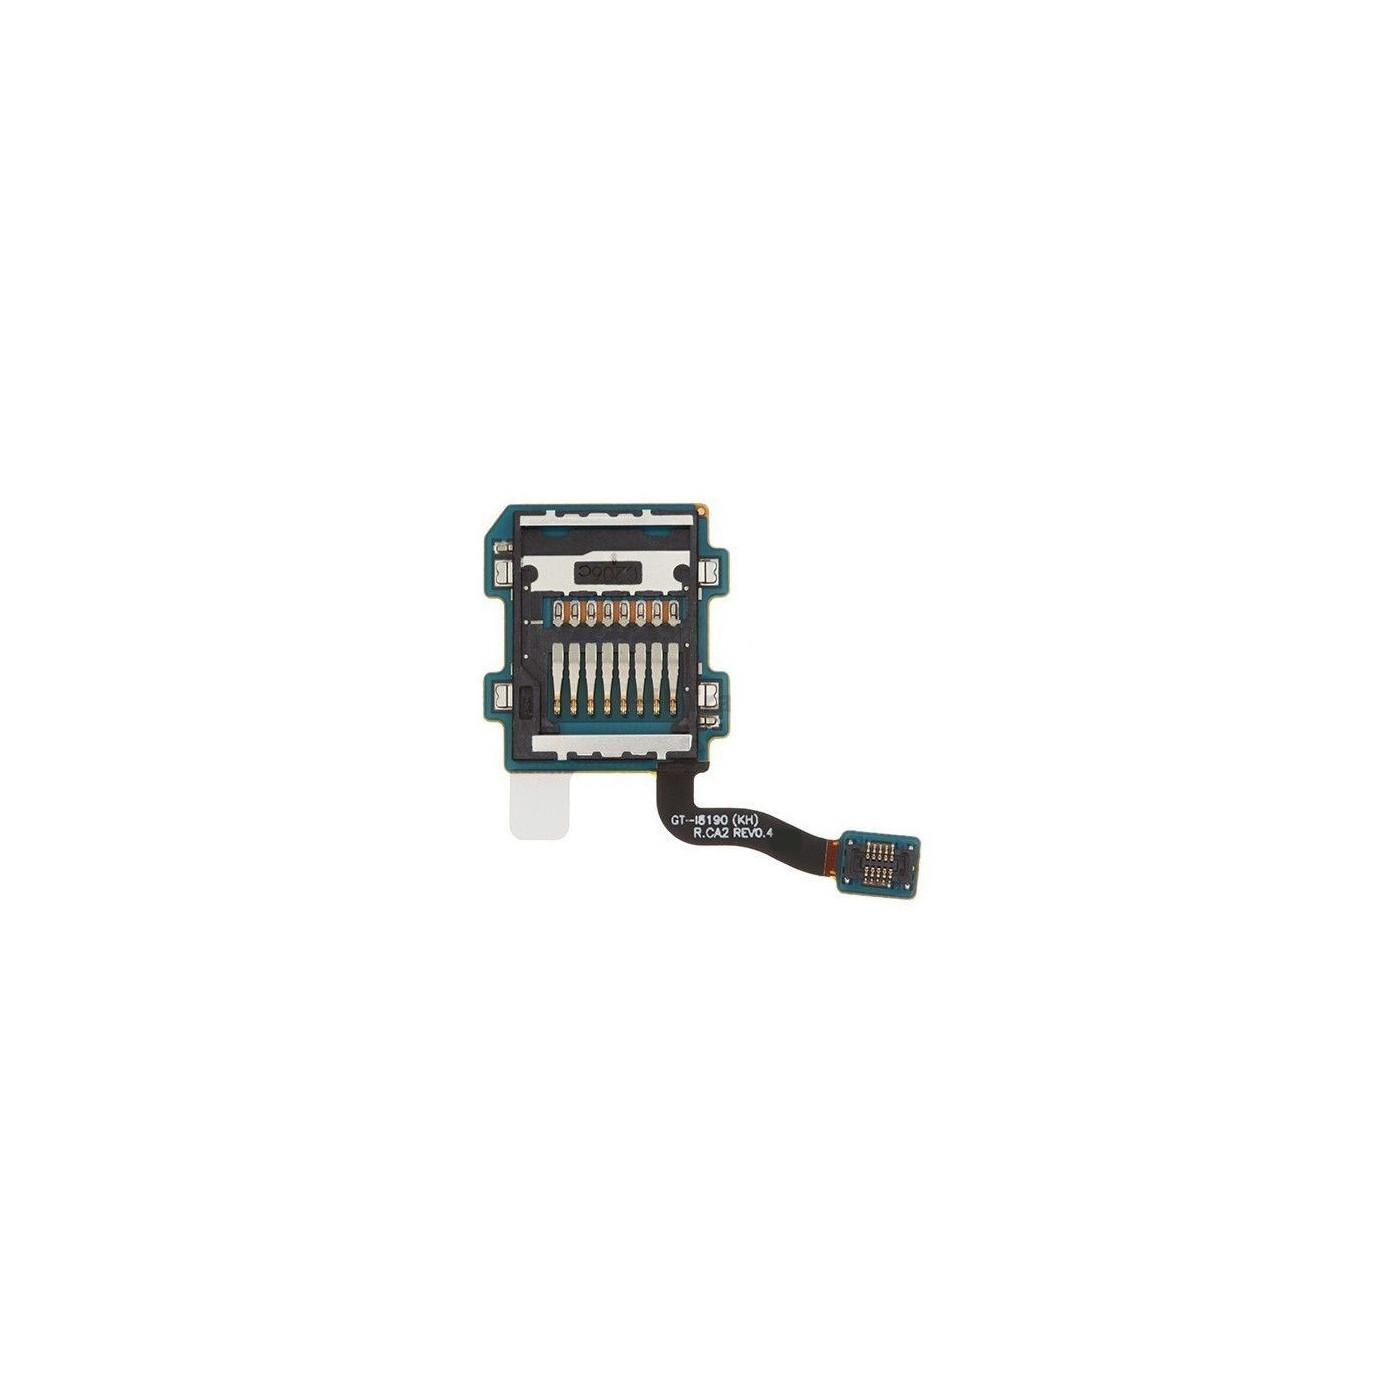 Lettore memoria sd per samsung galaxy s3 mini i8190 flat flex